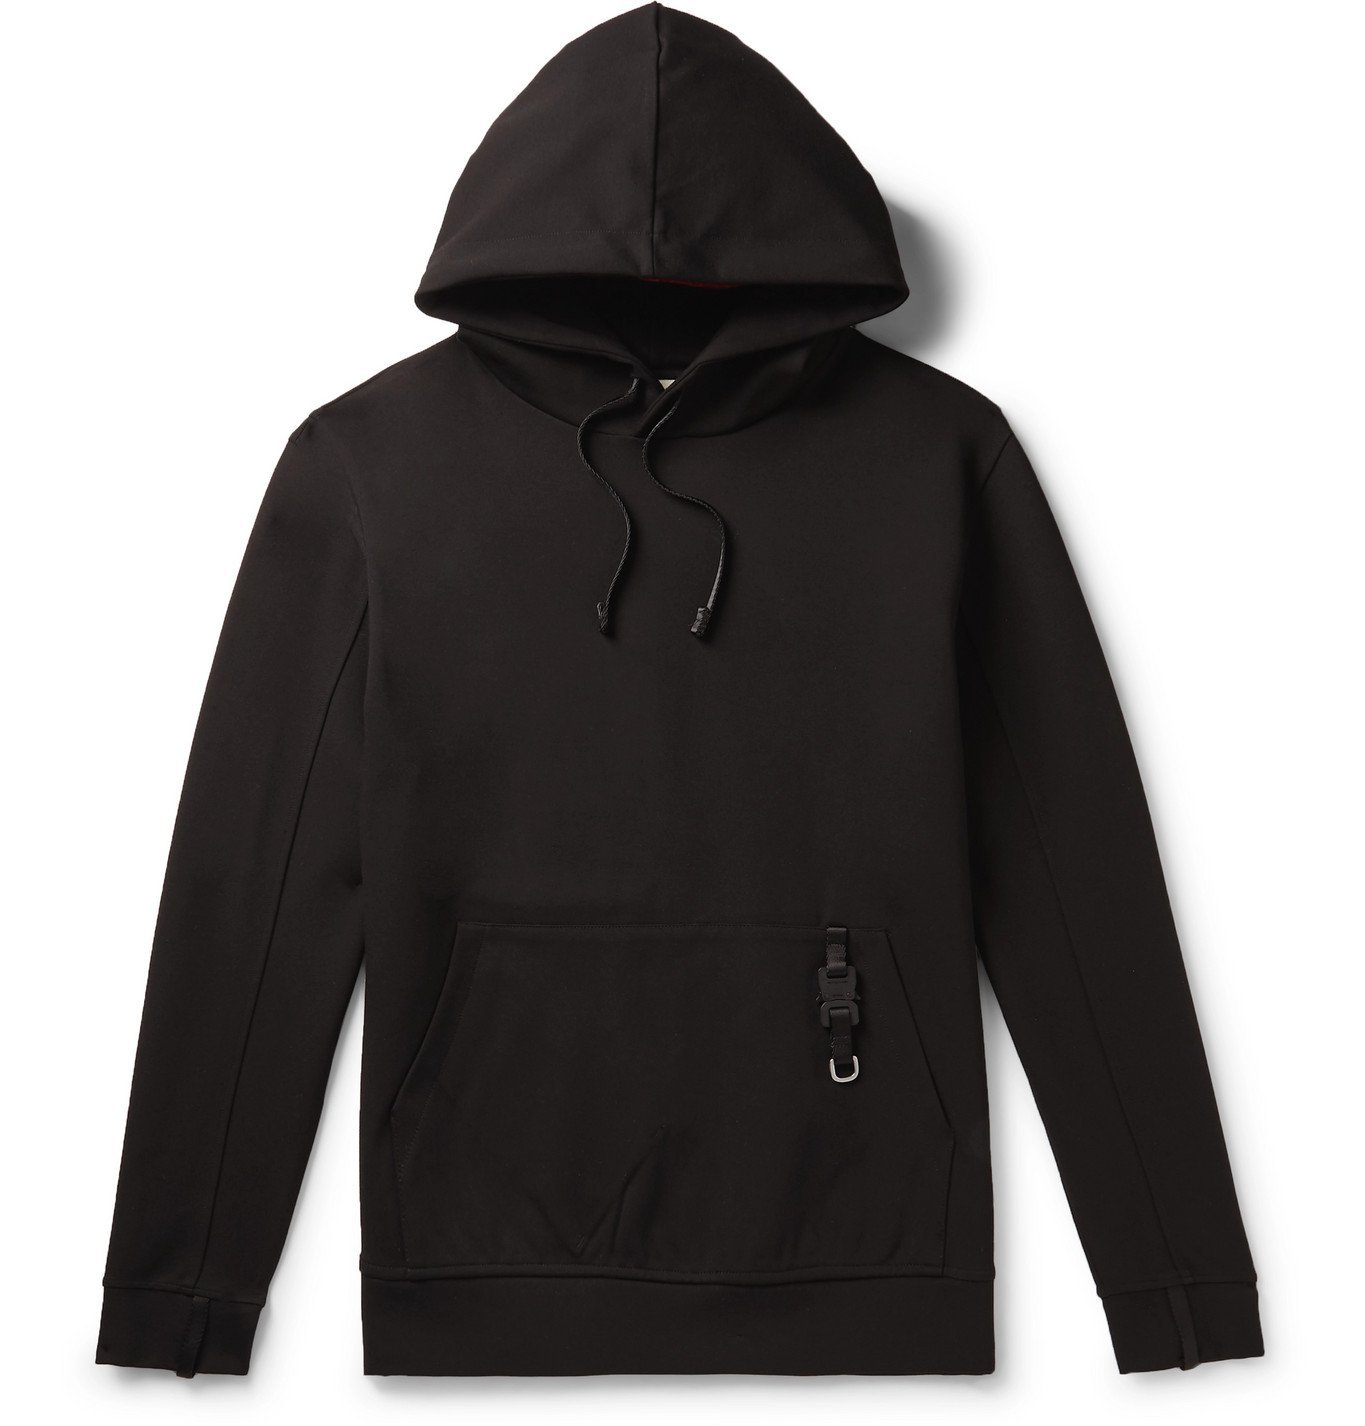 1017 ALYX 9SM - Buckle-Detailed Neoprene Hoodie - Black